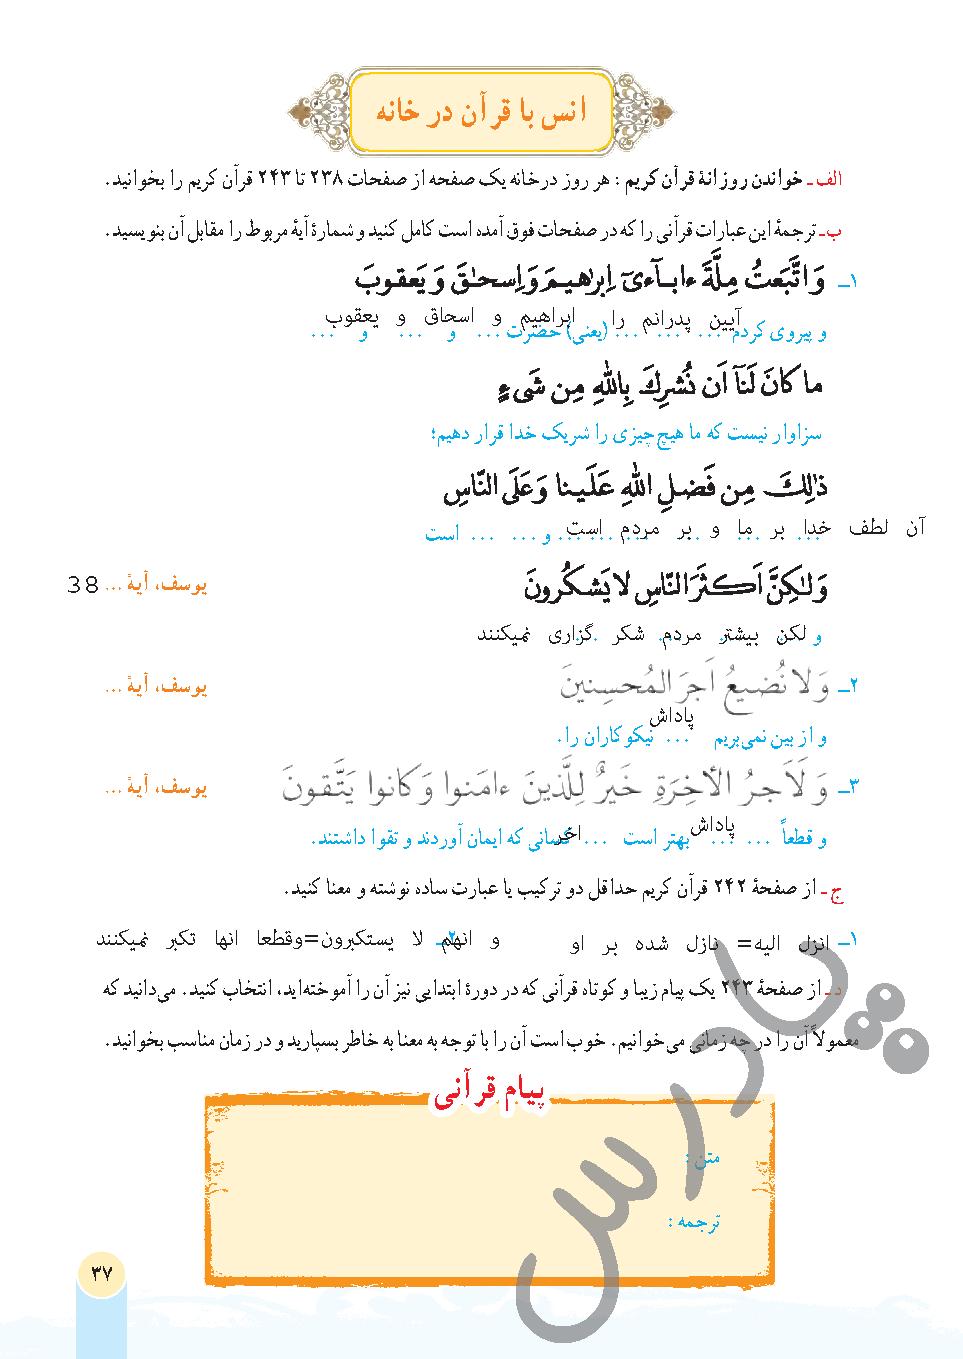 جواب انس با قرآن درس 3 قرآن هفتم - جلسه دوم